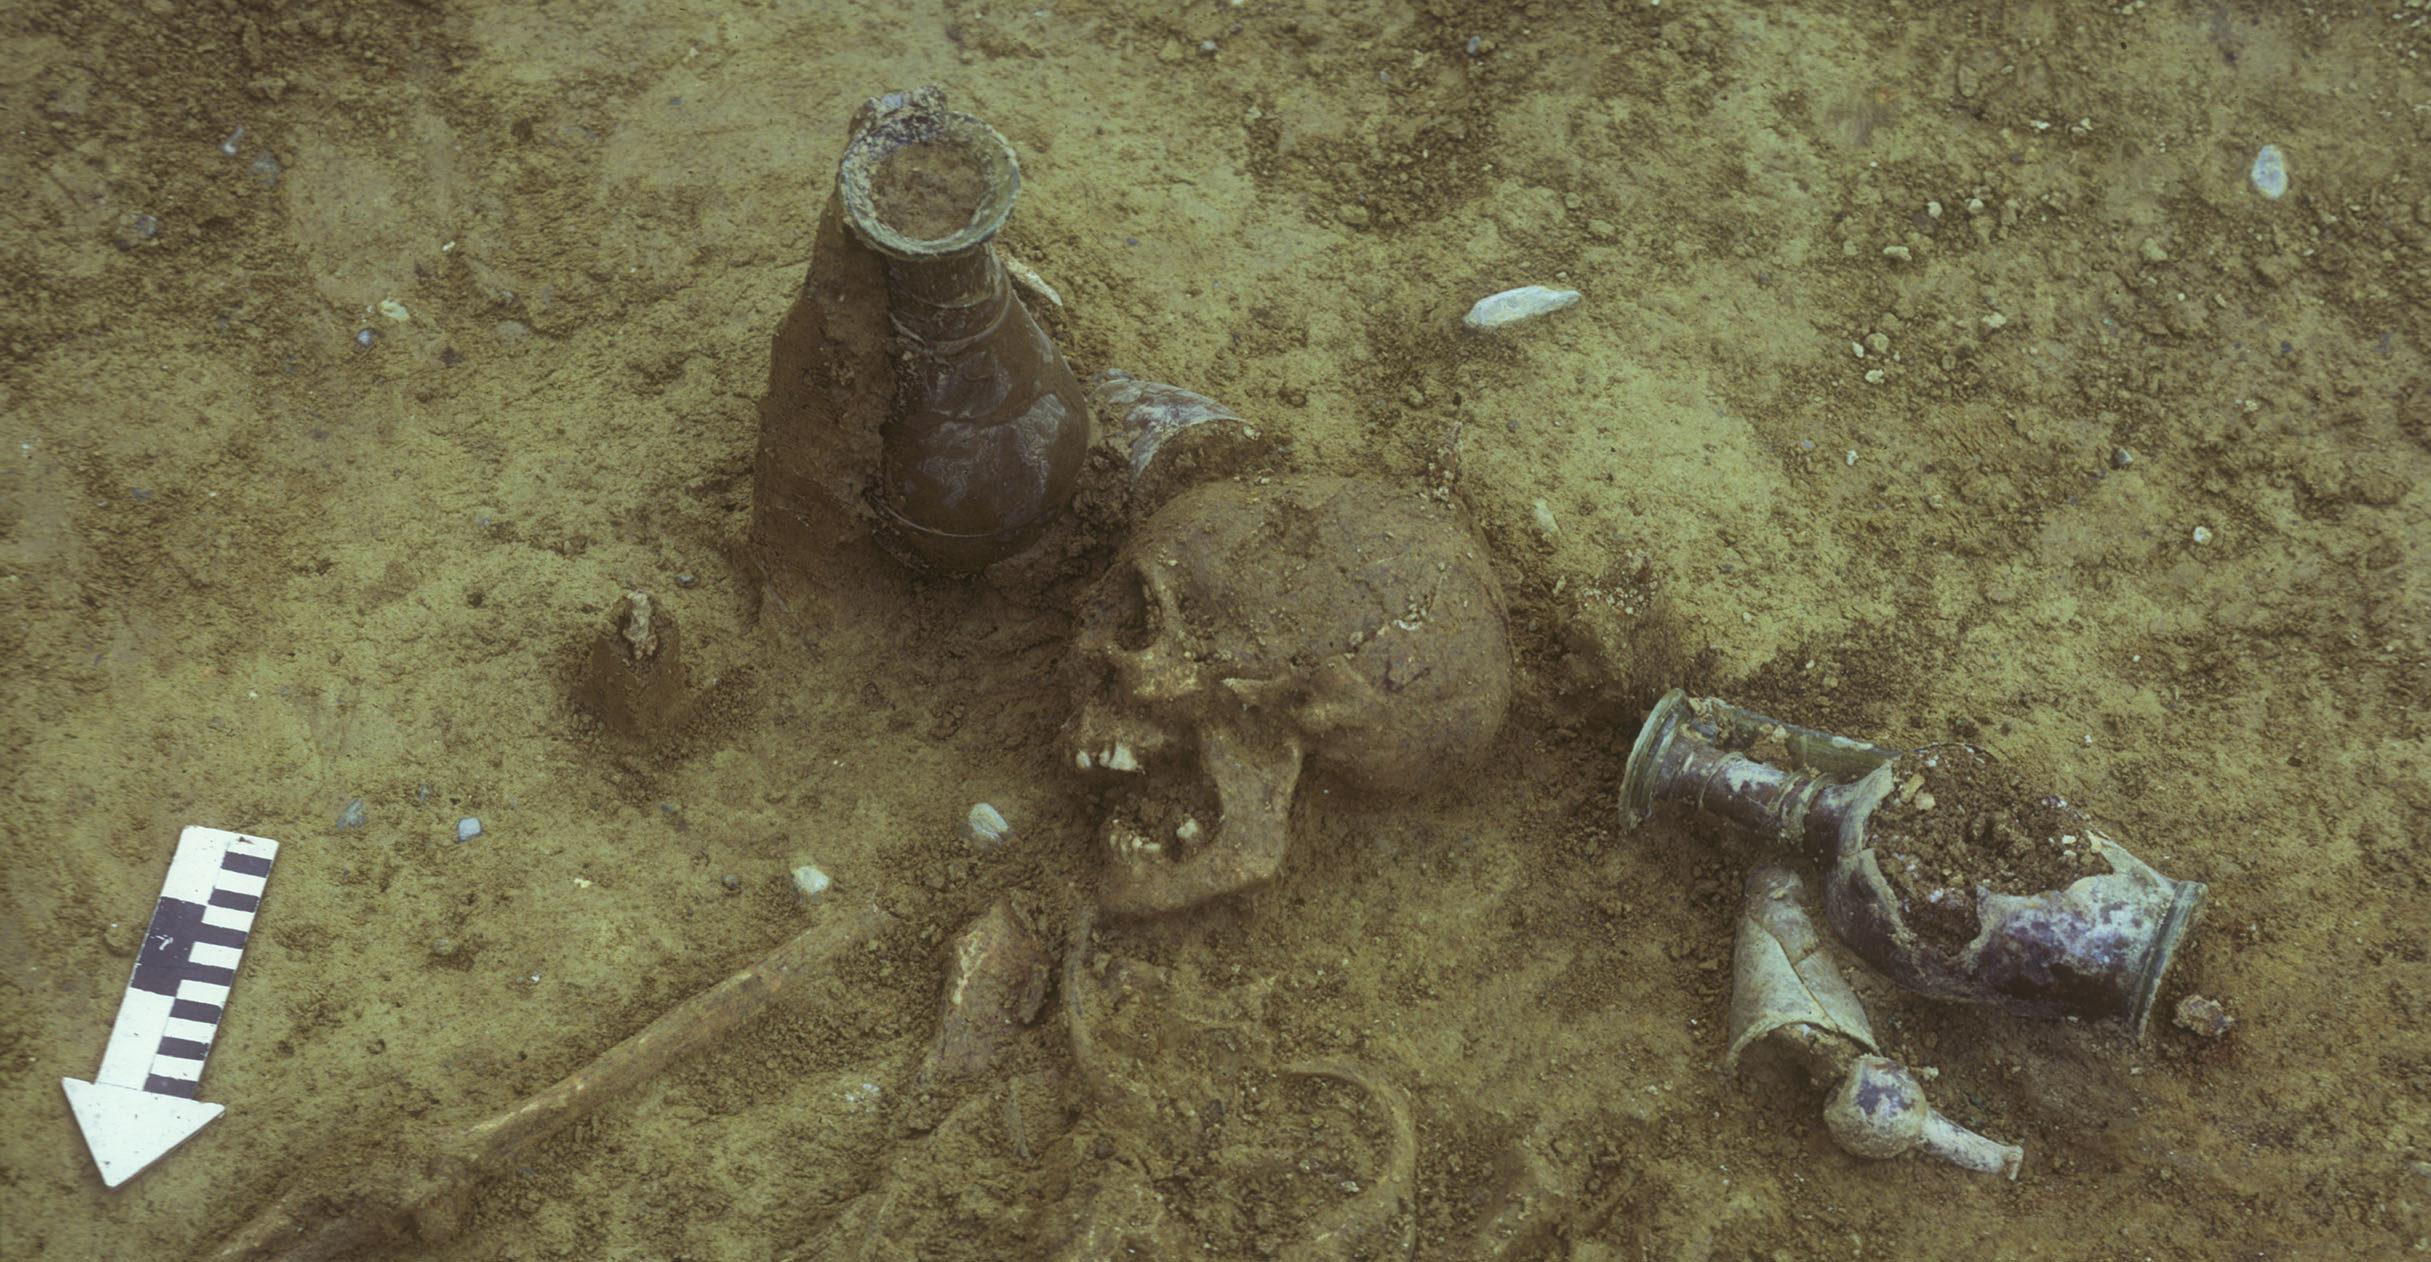 La sépulture mise au jour à Stein am Rhein en 1974 comportait de nombreux objets en verre.